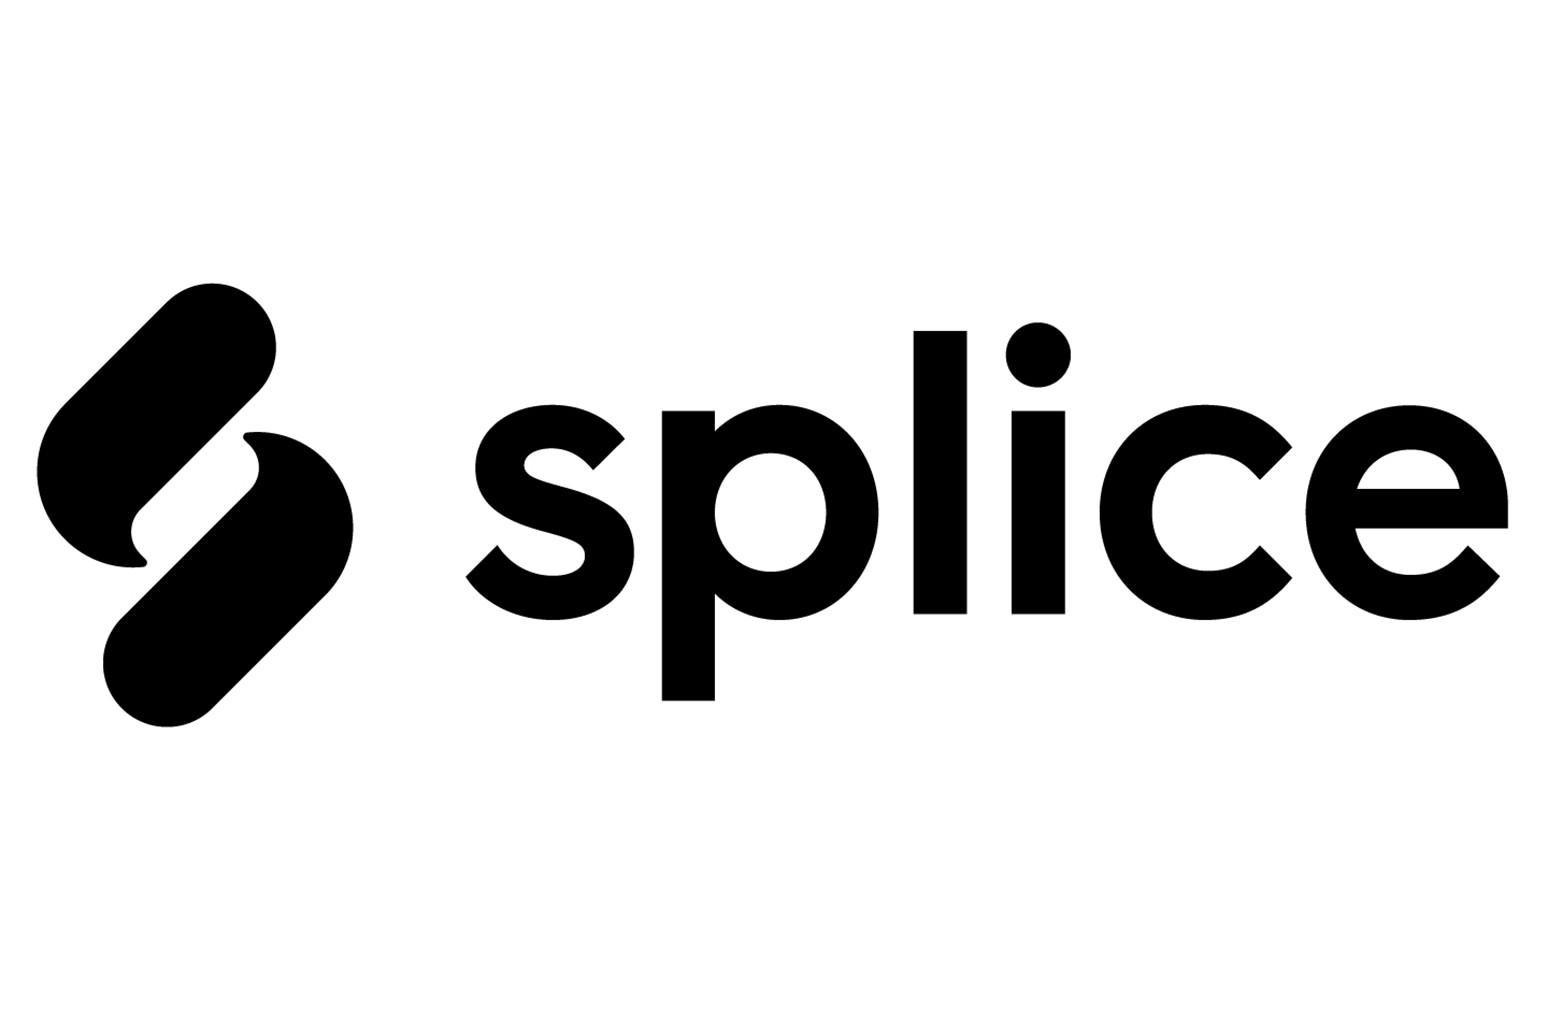 Платформа для создания музыки Splice привлекла выплаты в размере 55 миллионов долларов по итогам рекордного года